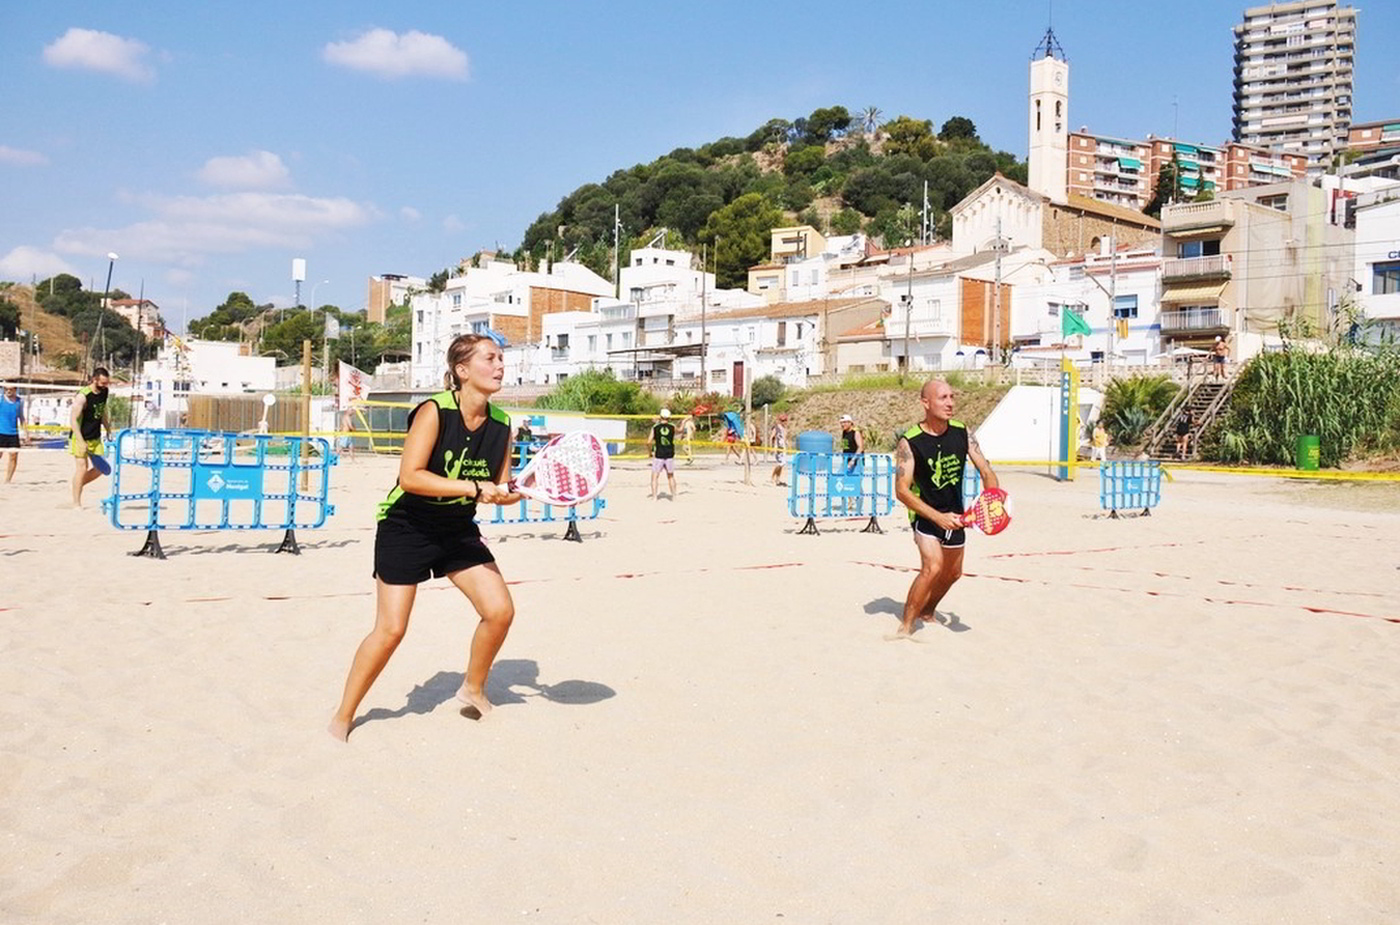 sport on the beach